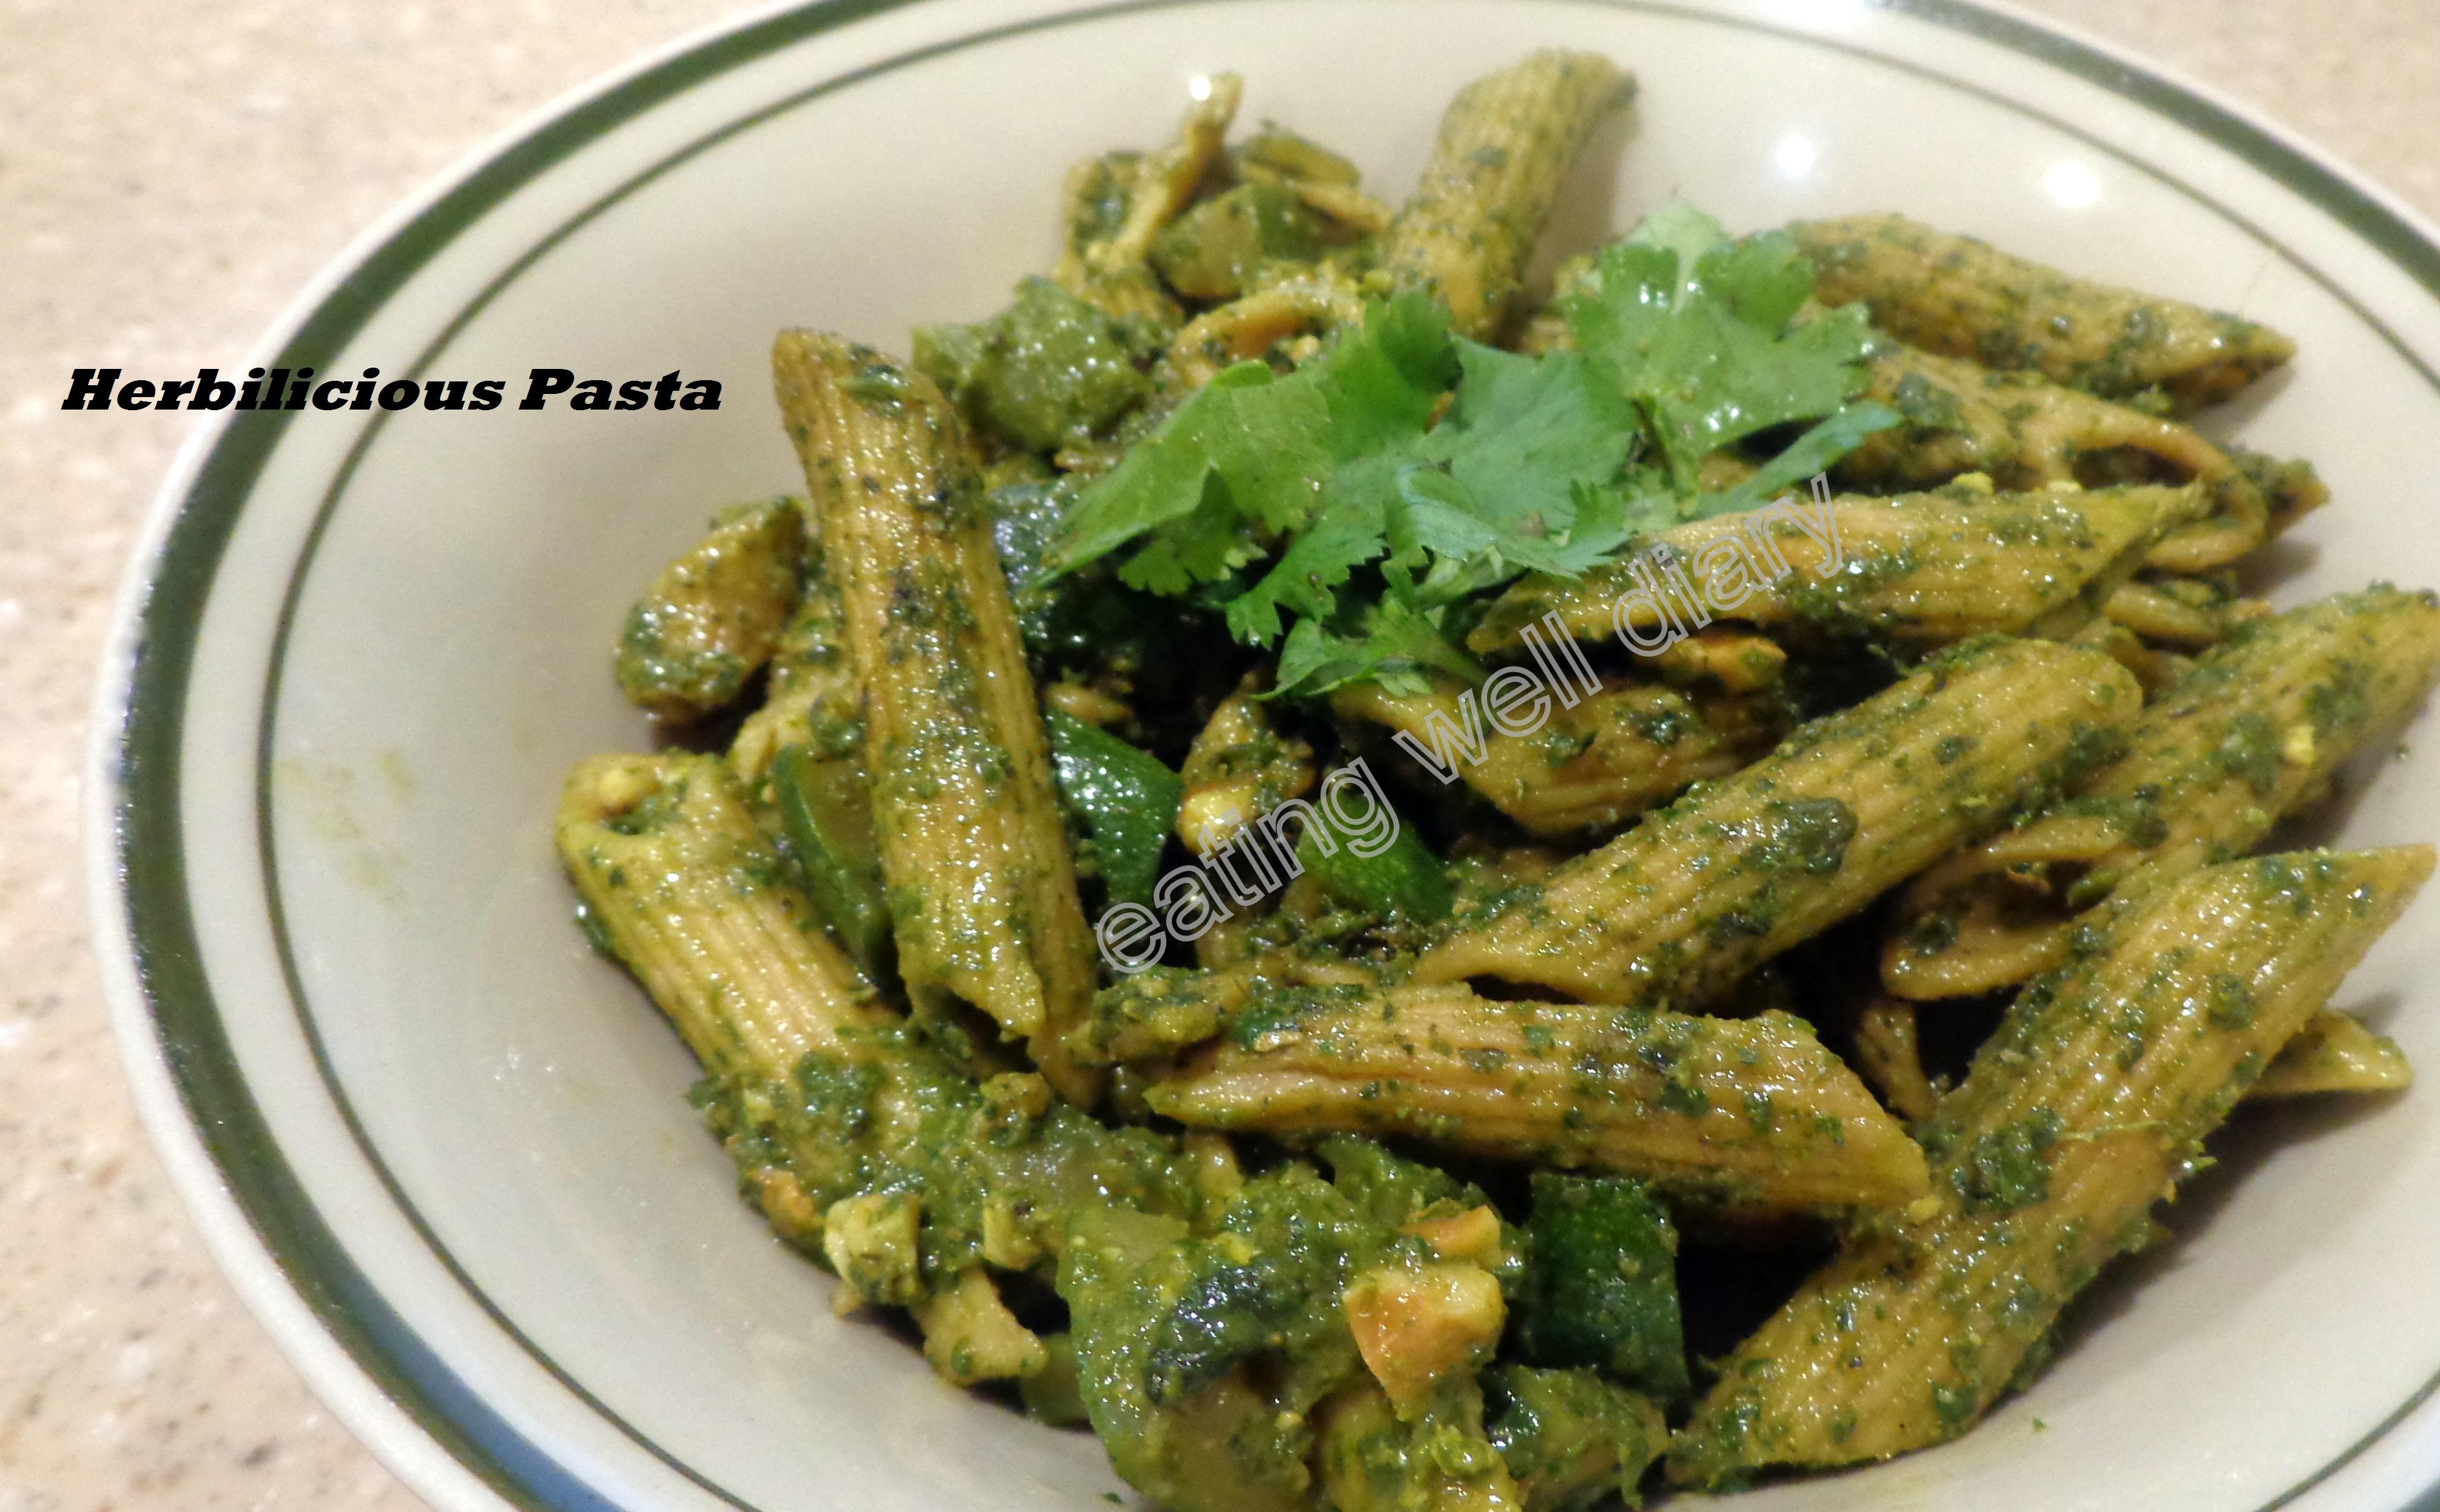 Herbilicious Pasta